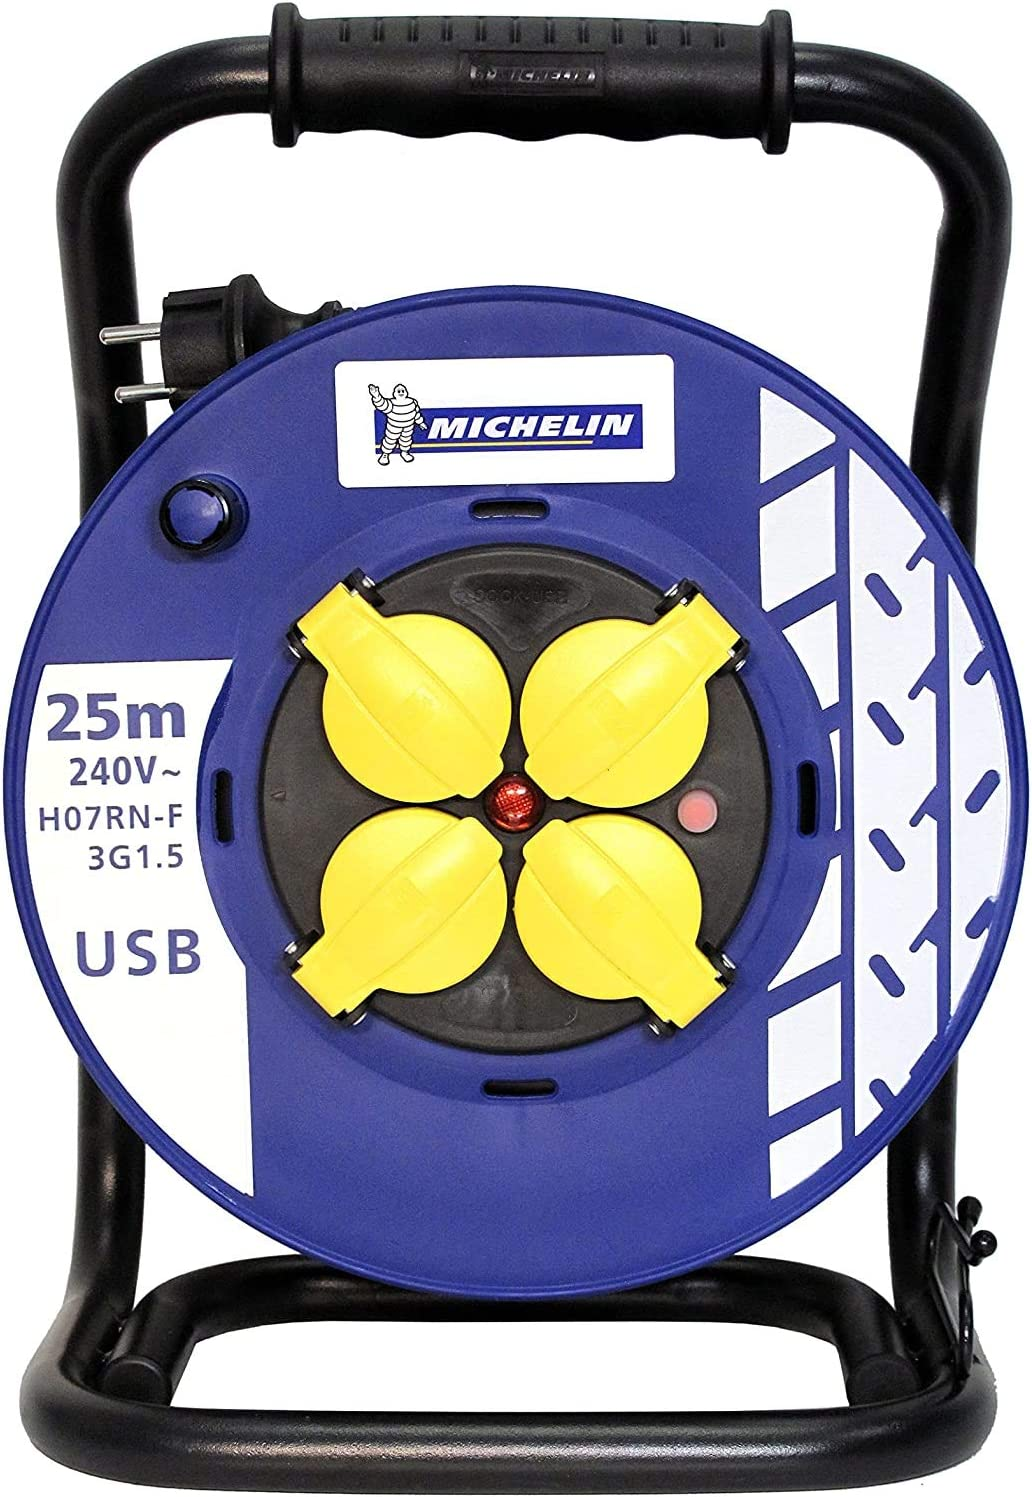 Enrouleur électrique PRO&GARAGE Michelin H07RN-F 3G1,5 mm² – Enrouleur manuel..